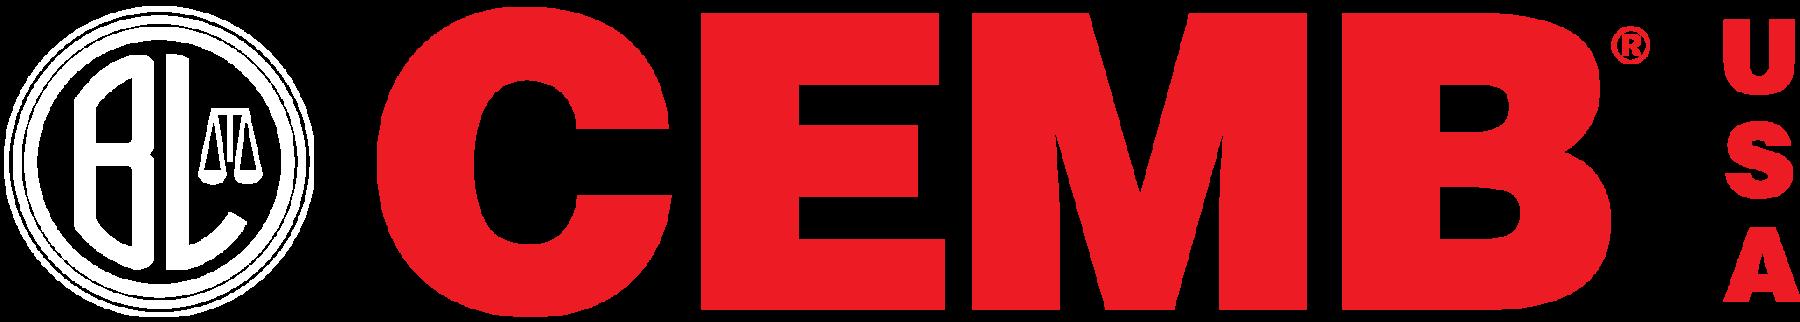 Website-Footer-Logo